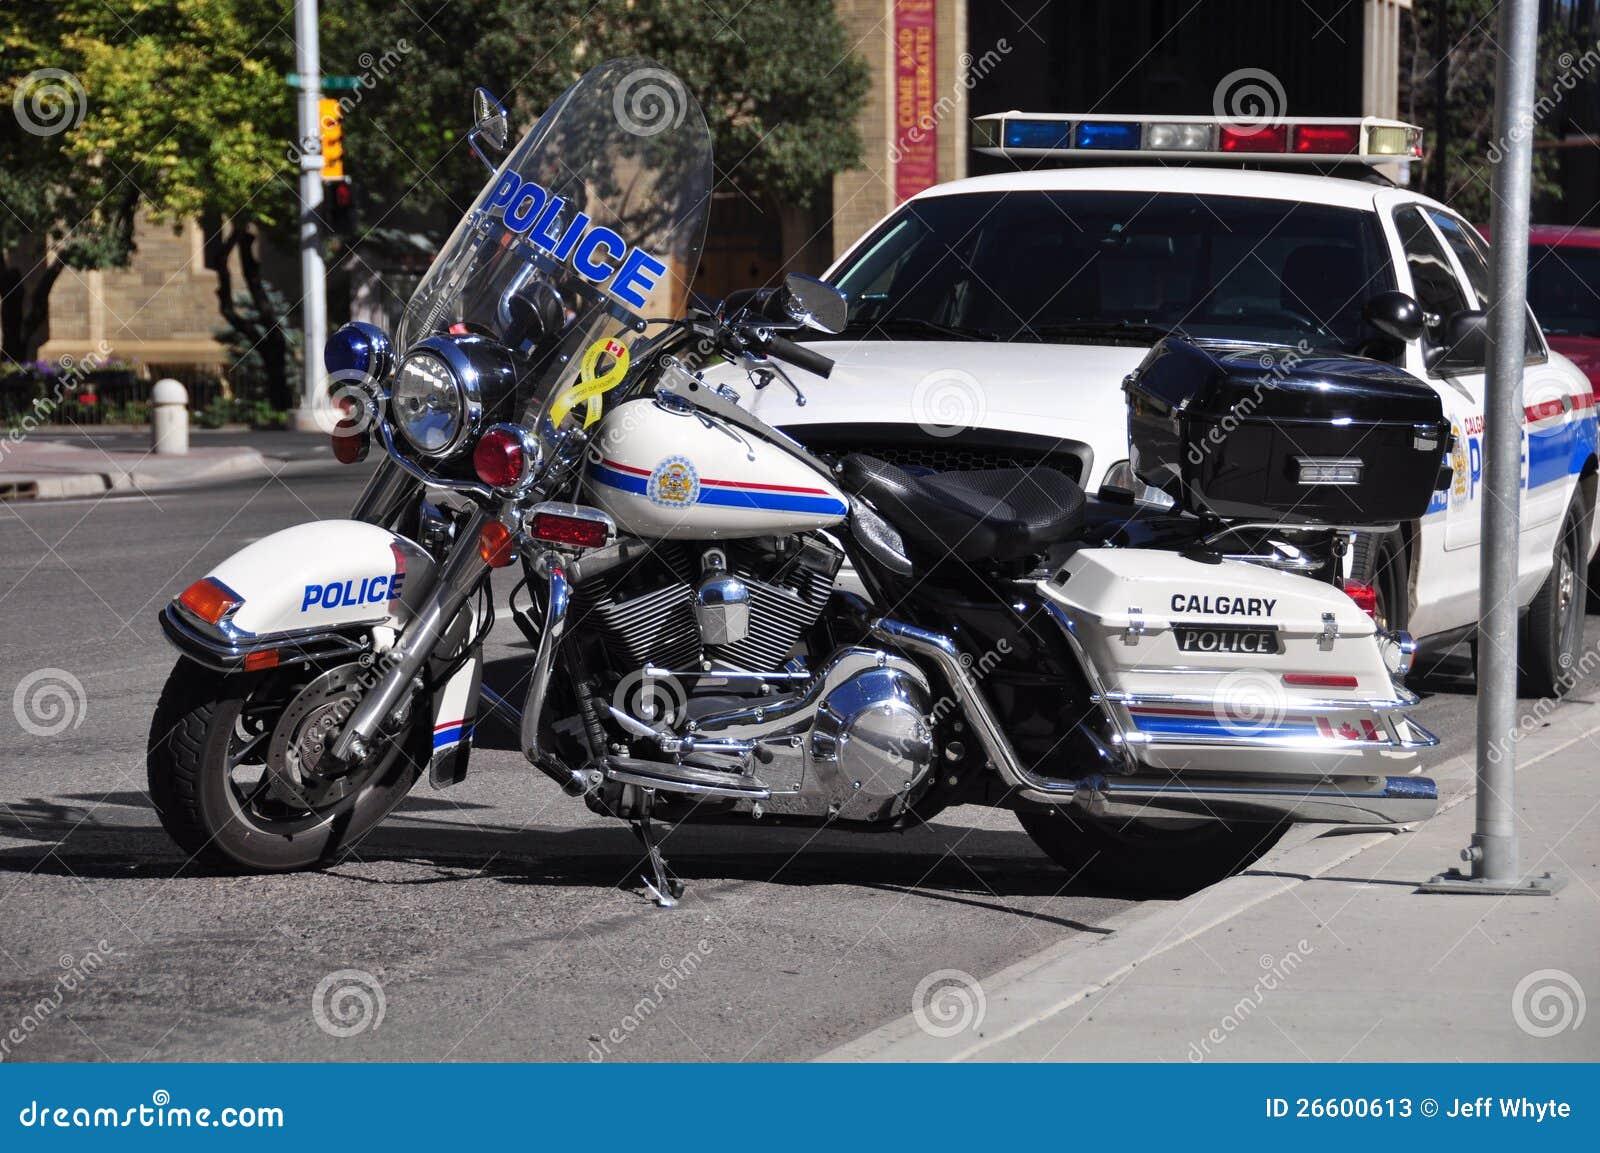 Μοτοσικλέτα και ταχύπλοο σκάφος αστυνομίας